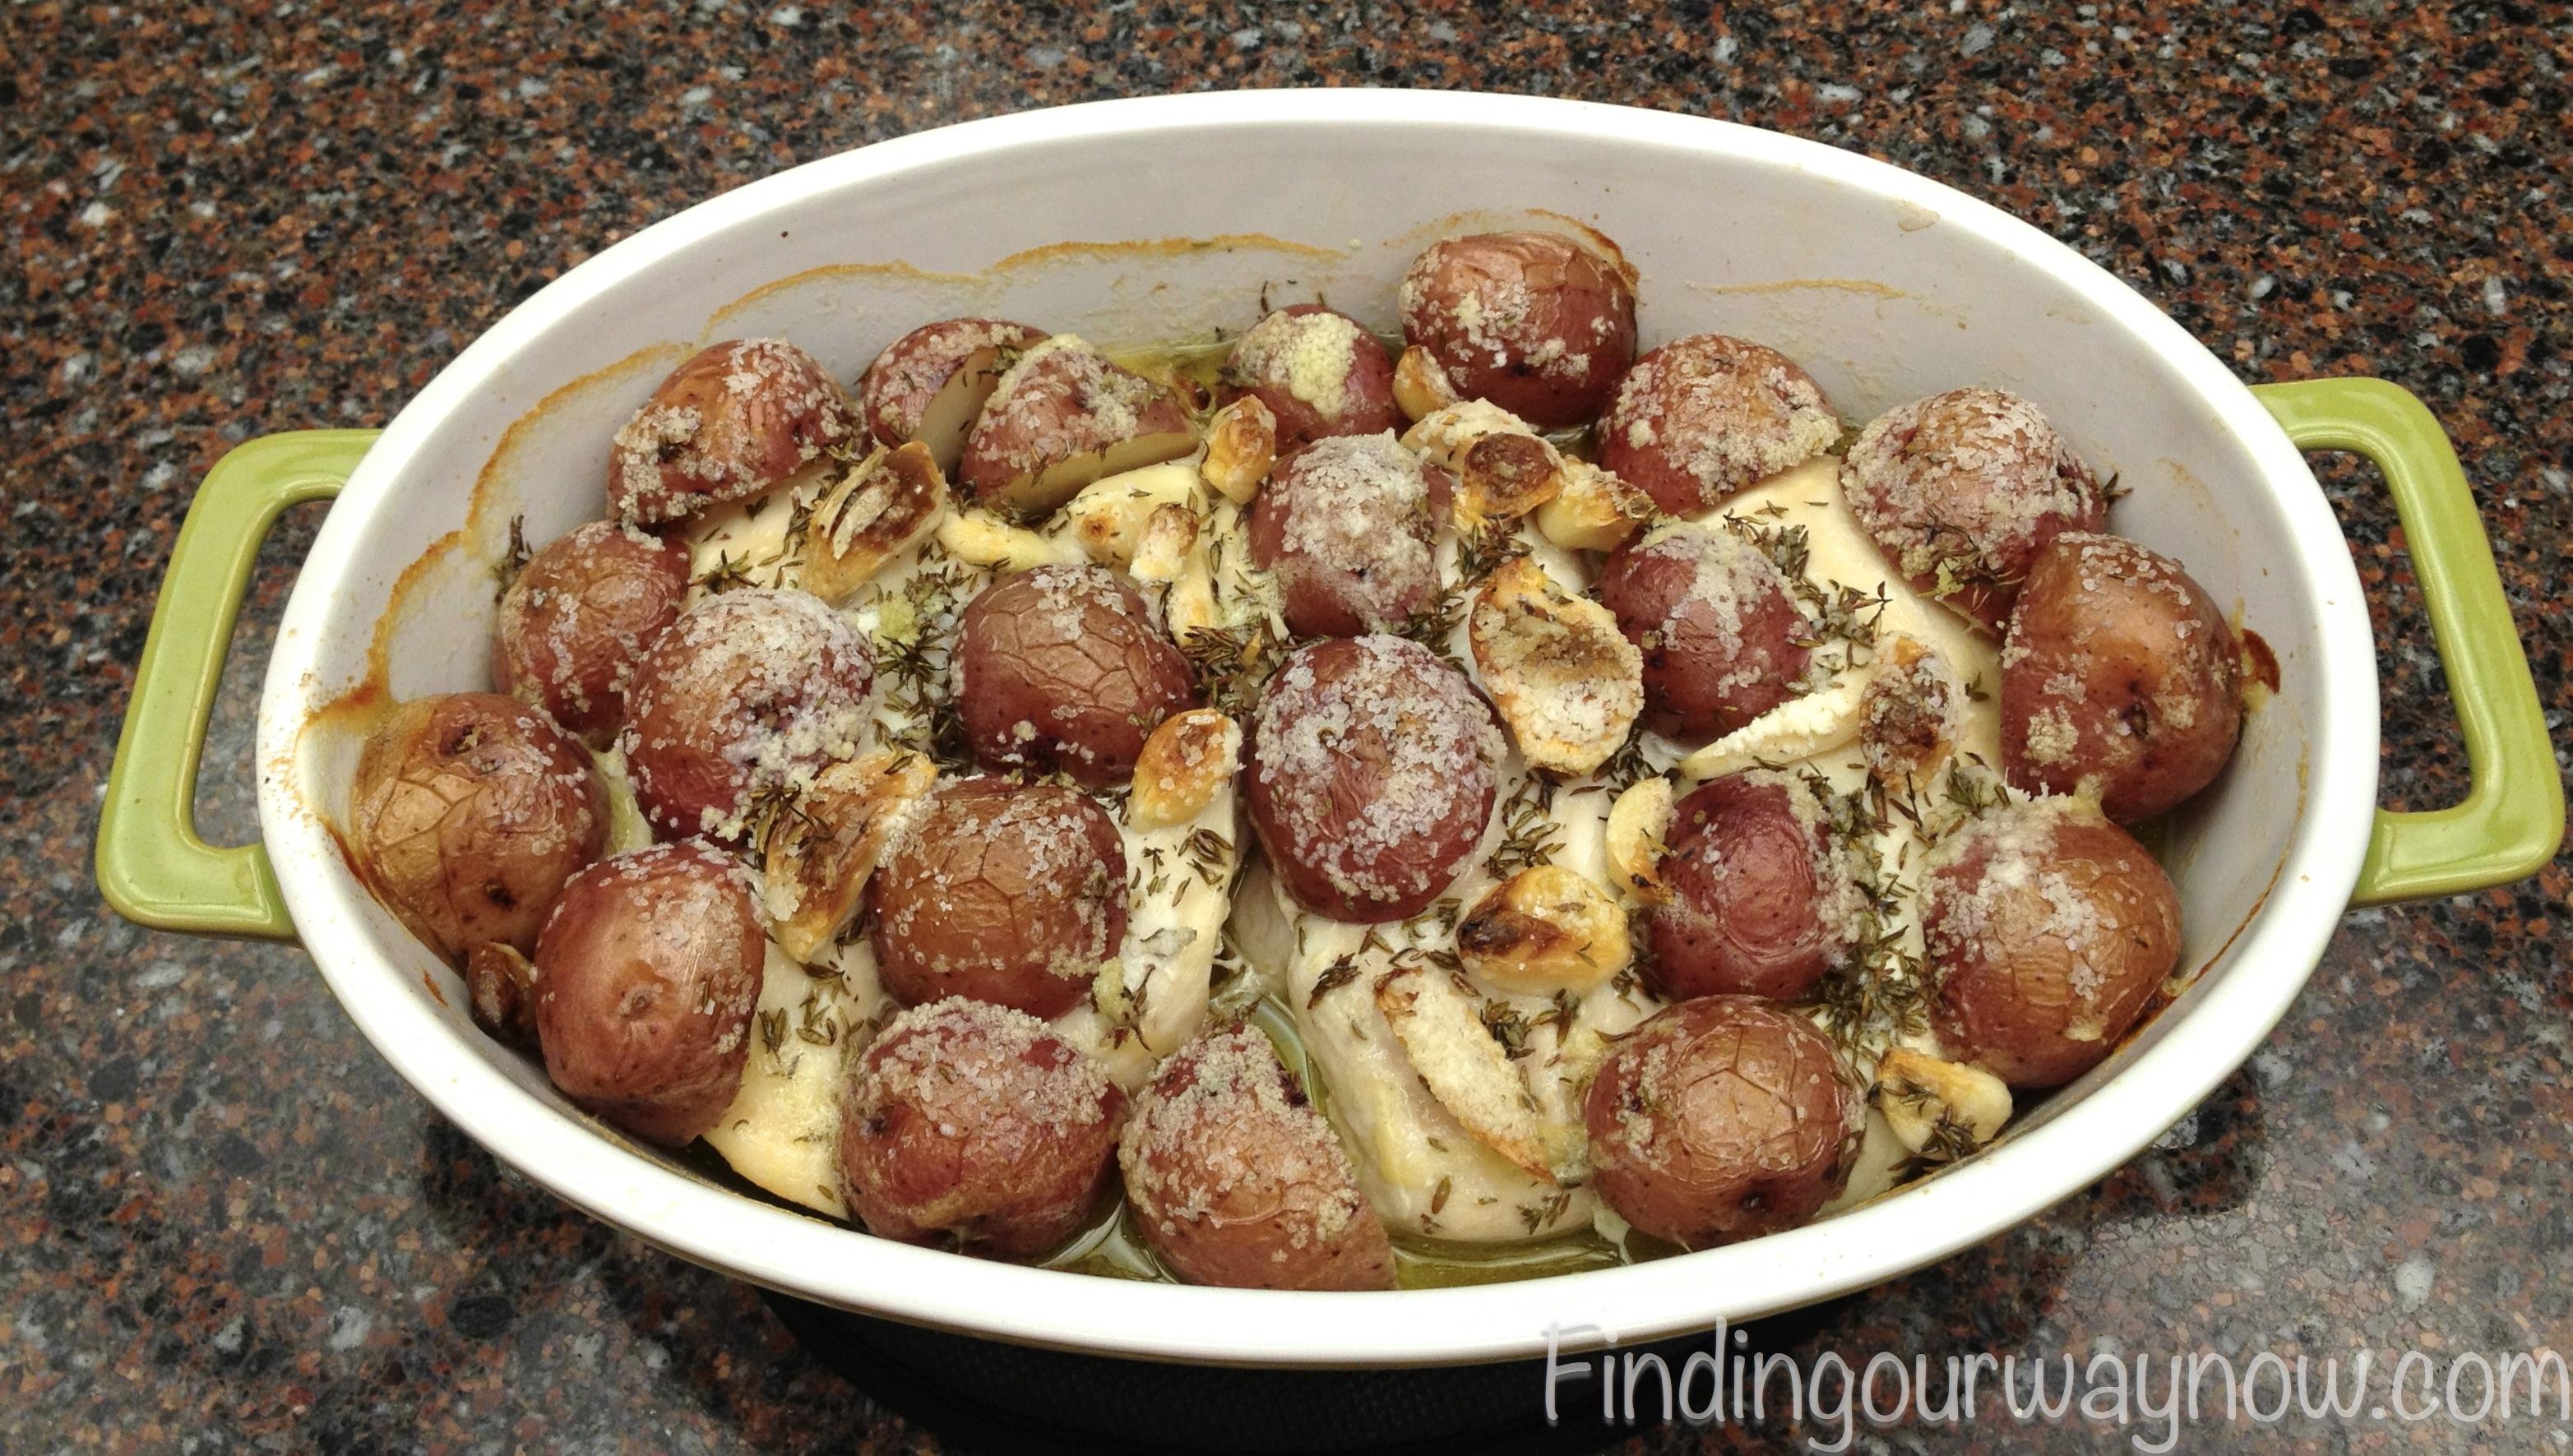 Roasted Chicken Breast with Garlic Redskin Potatoes, findingourwaynow ...